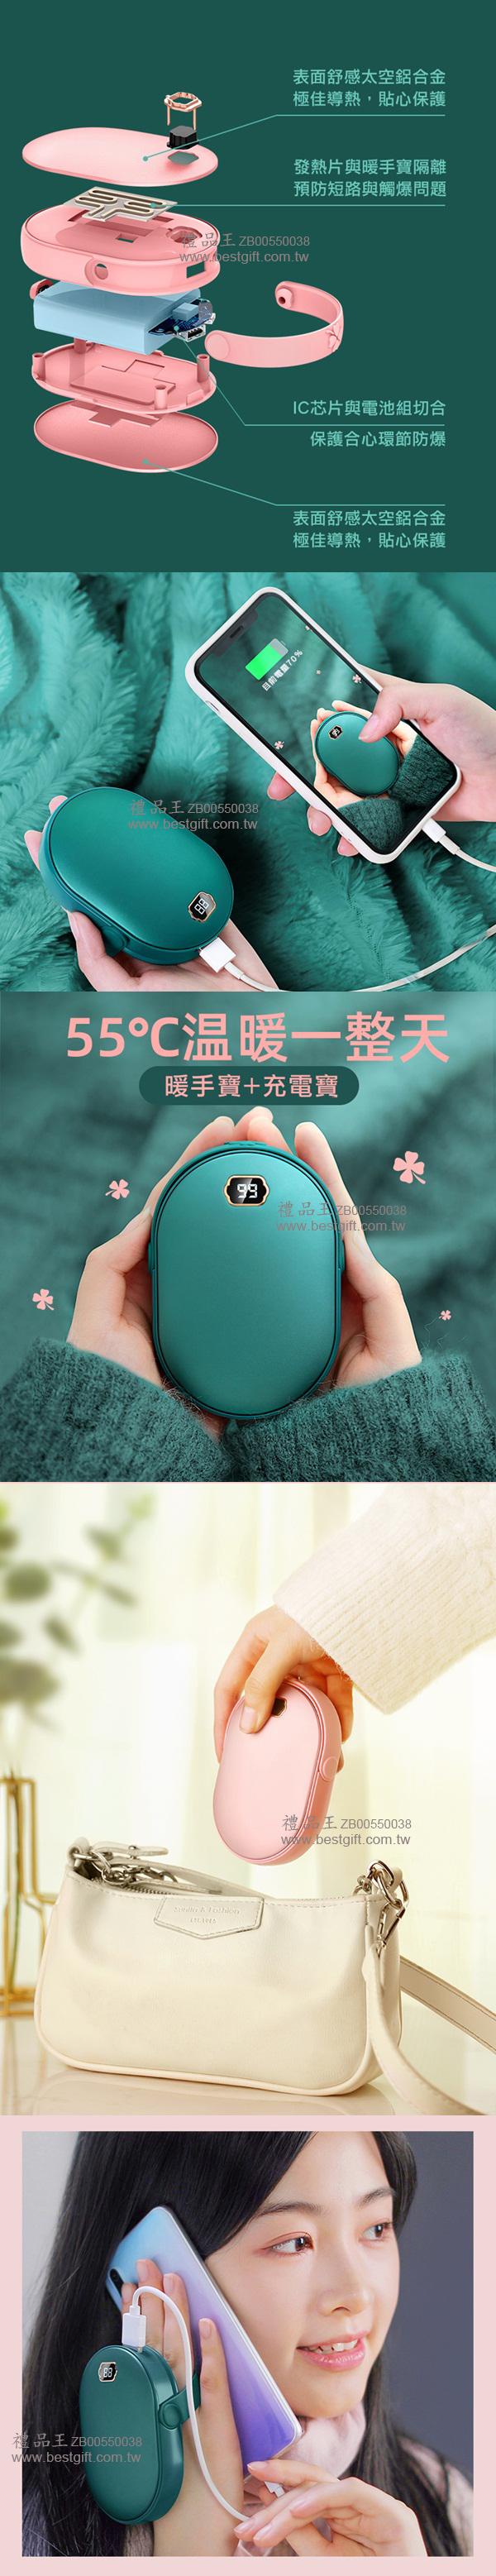 行動電源暖手寶 ZB00550038